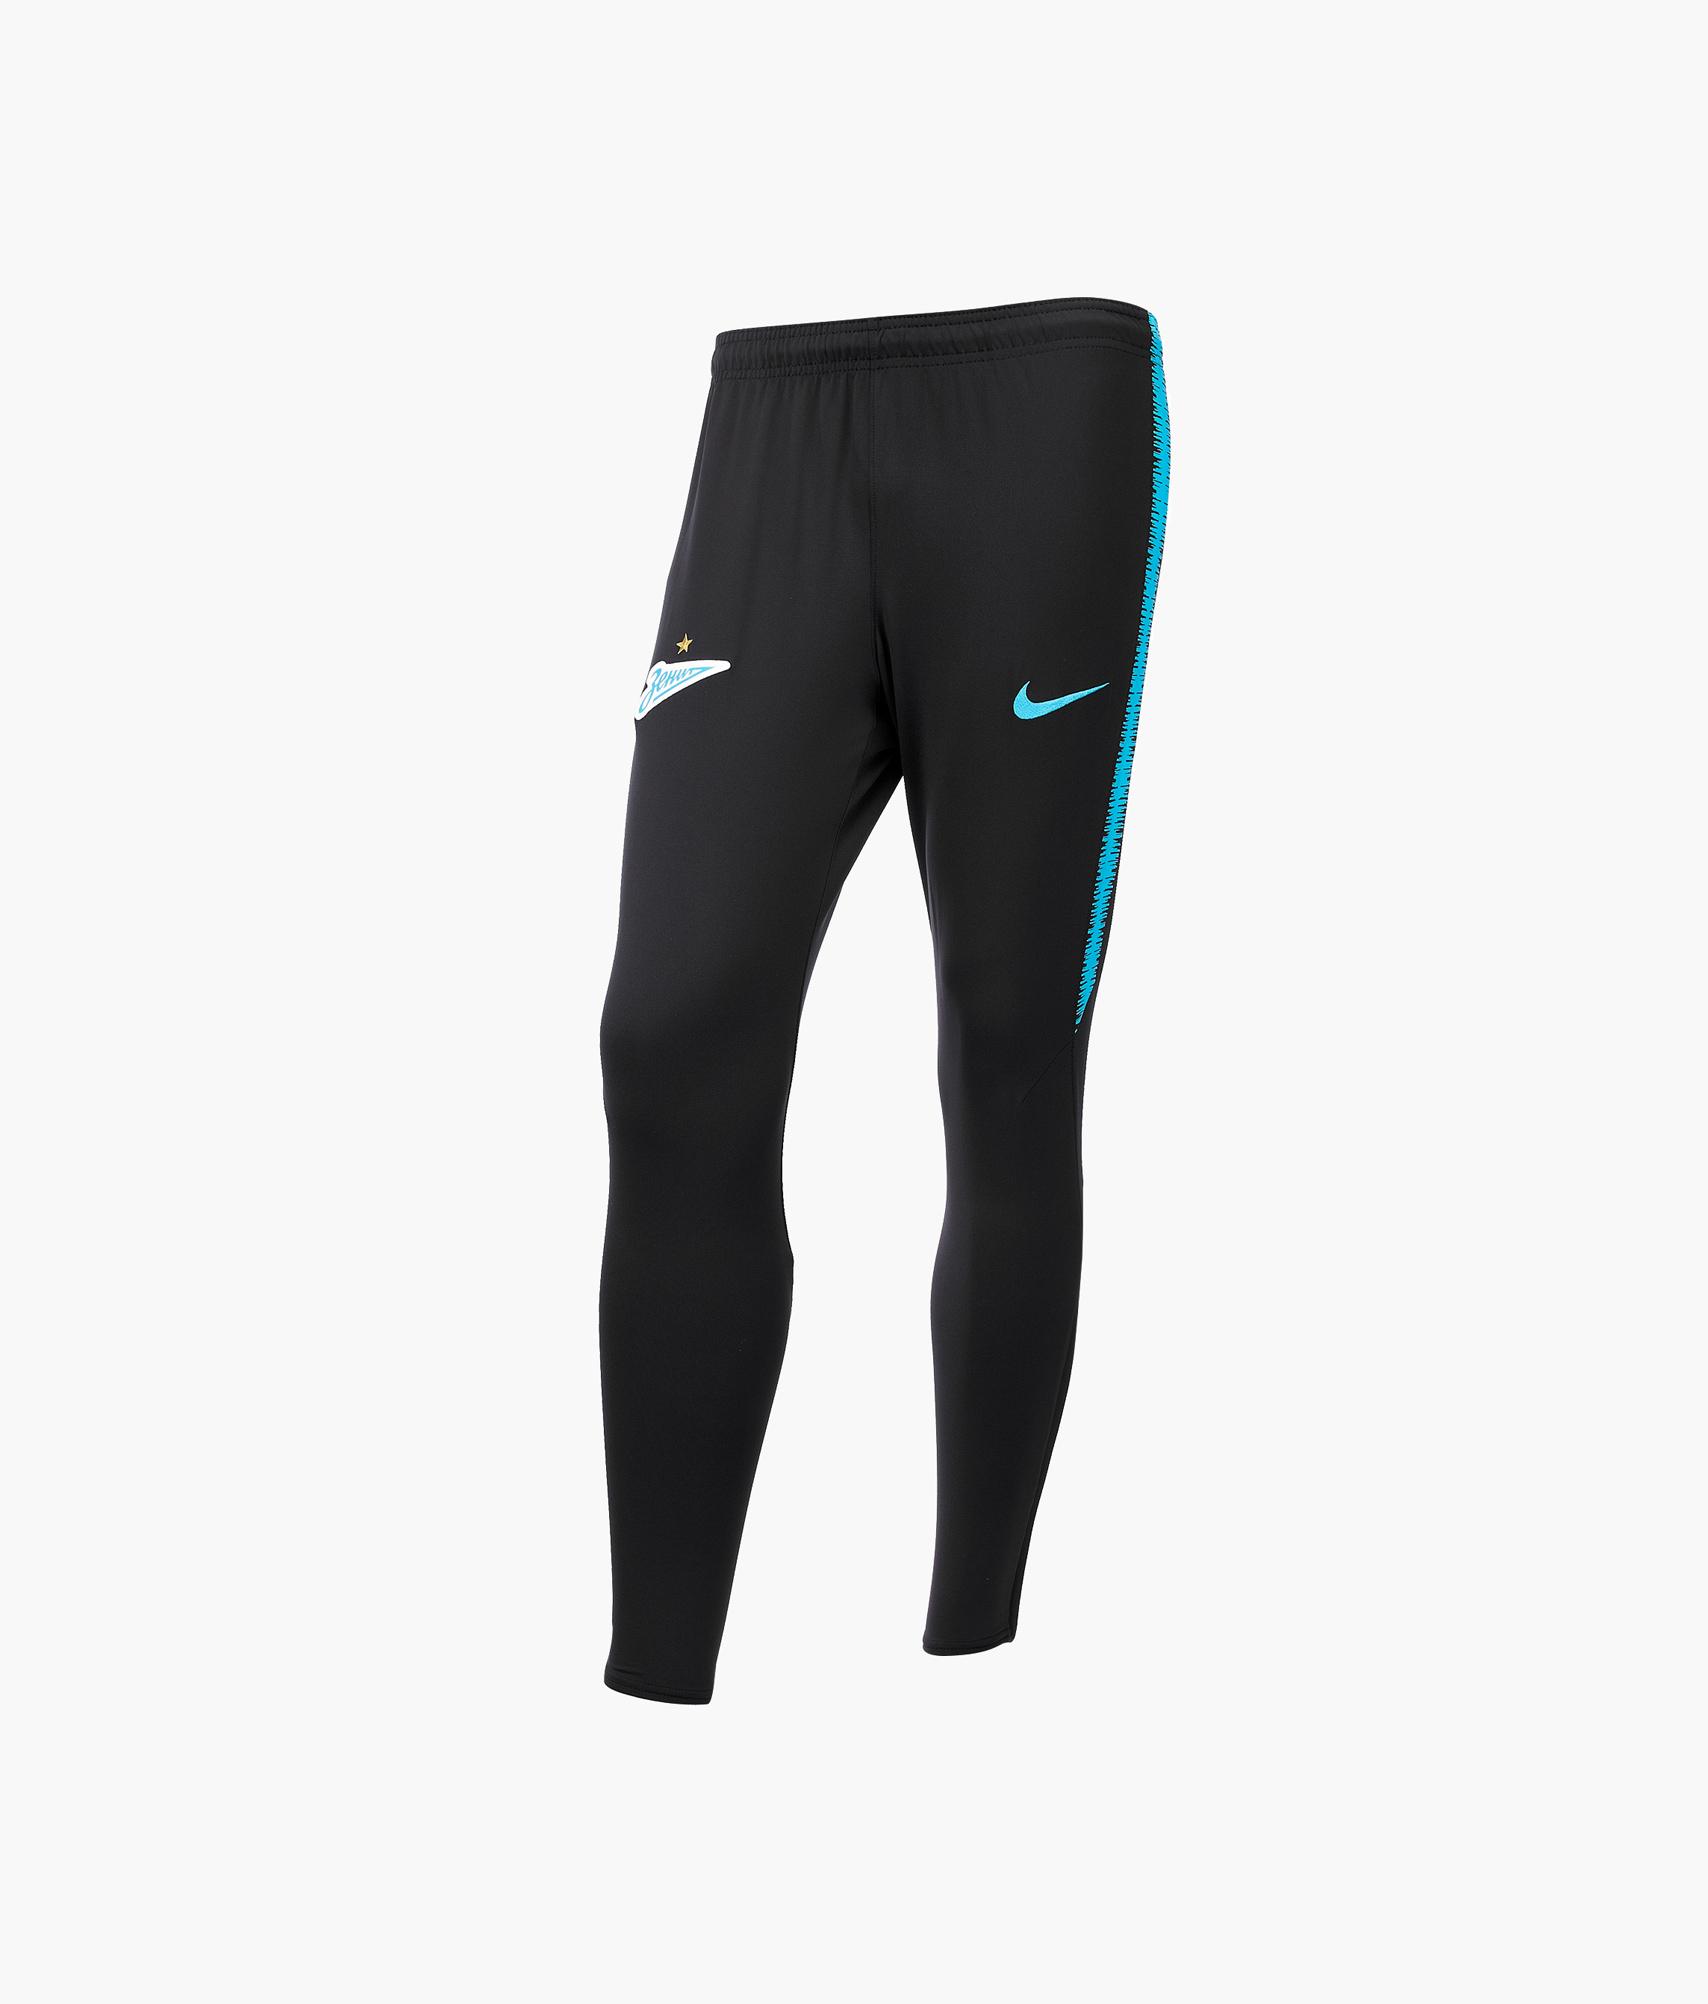 Брюки тренировочные Nike Zenit 2018/19 Nike Цвет-Черный сумка nike для обуви allegiance zenit gymsack ba5026 441